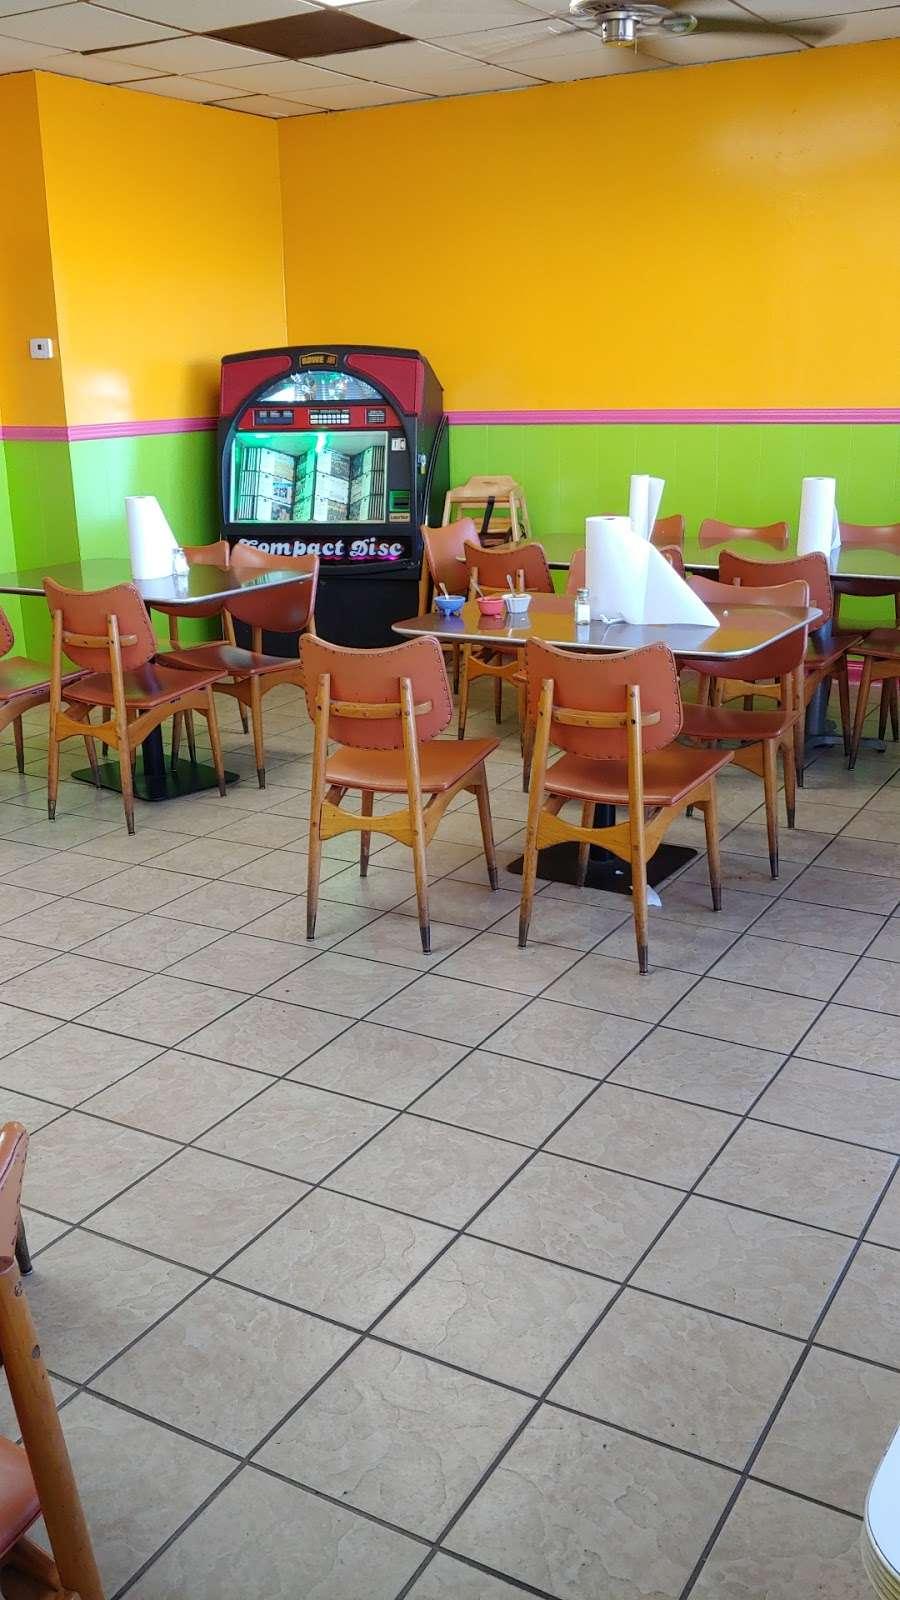 Restaurant Caminos De Michoacan - restaurant  | Photo 4 of 10 | Address: 716 Murphy Rd, Stafford, TX 77477, USA | Phone: (832) 539-6441